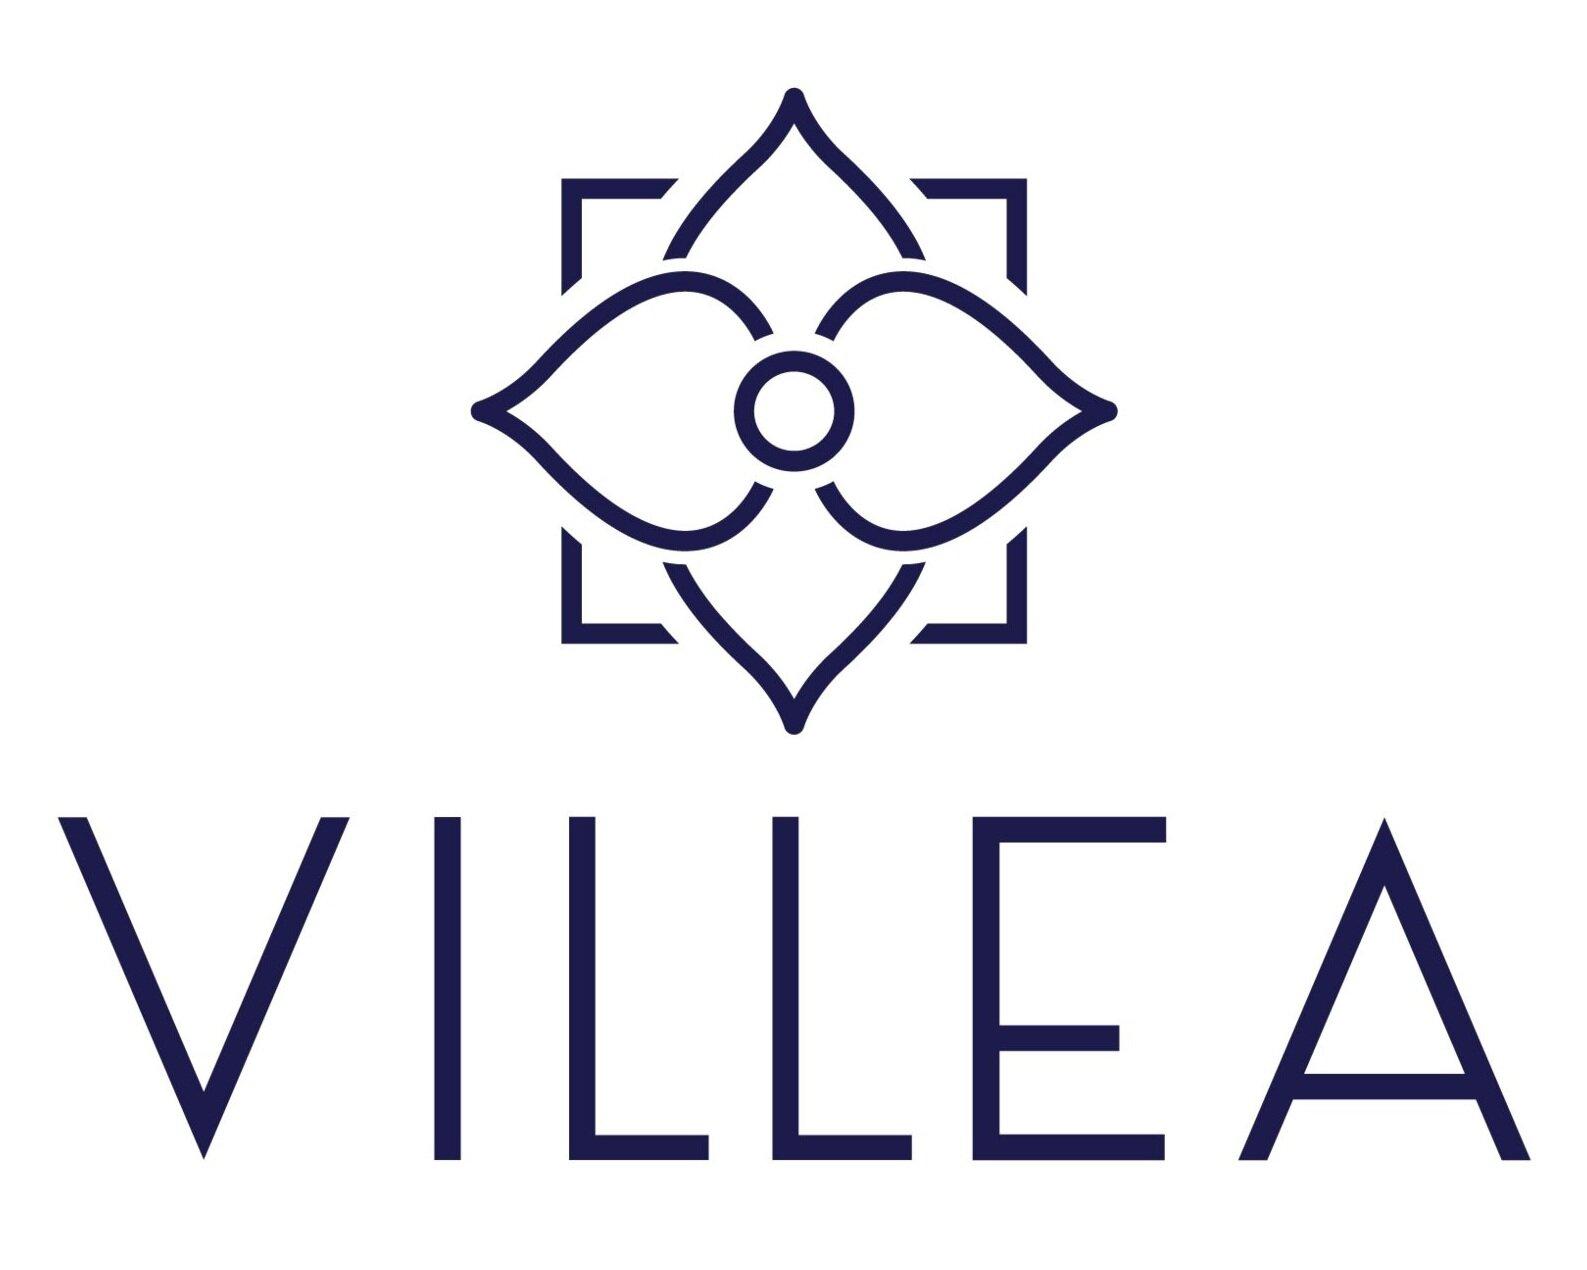 Villea_Logo-DarkBlue.jpg